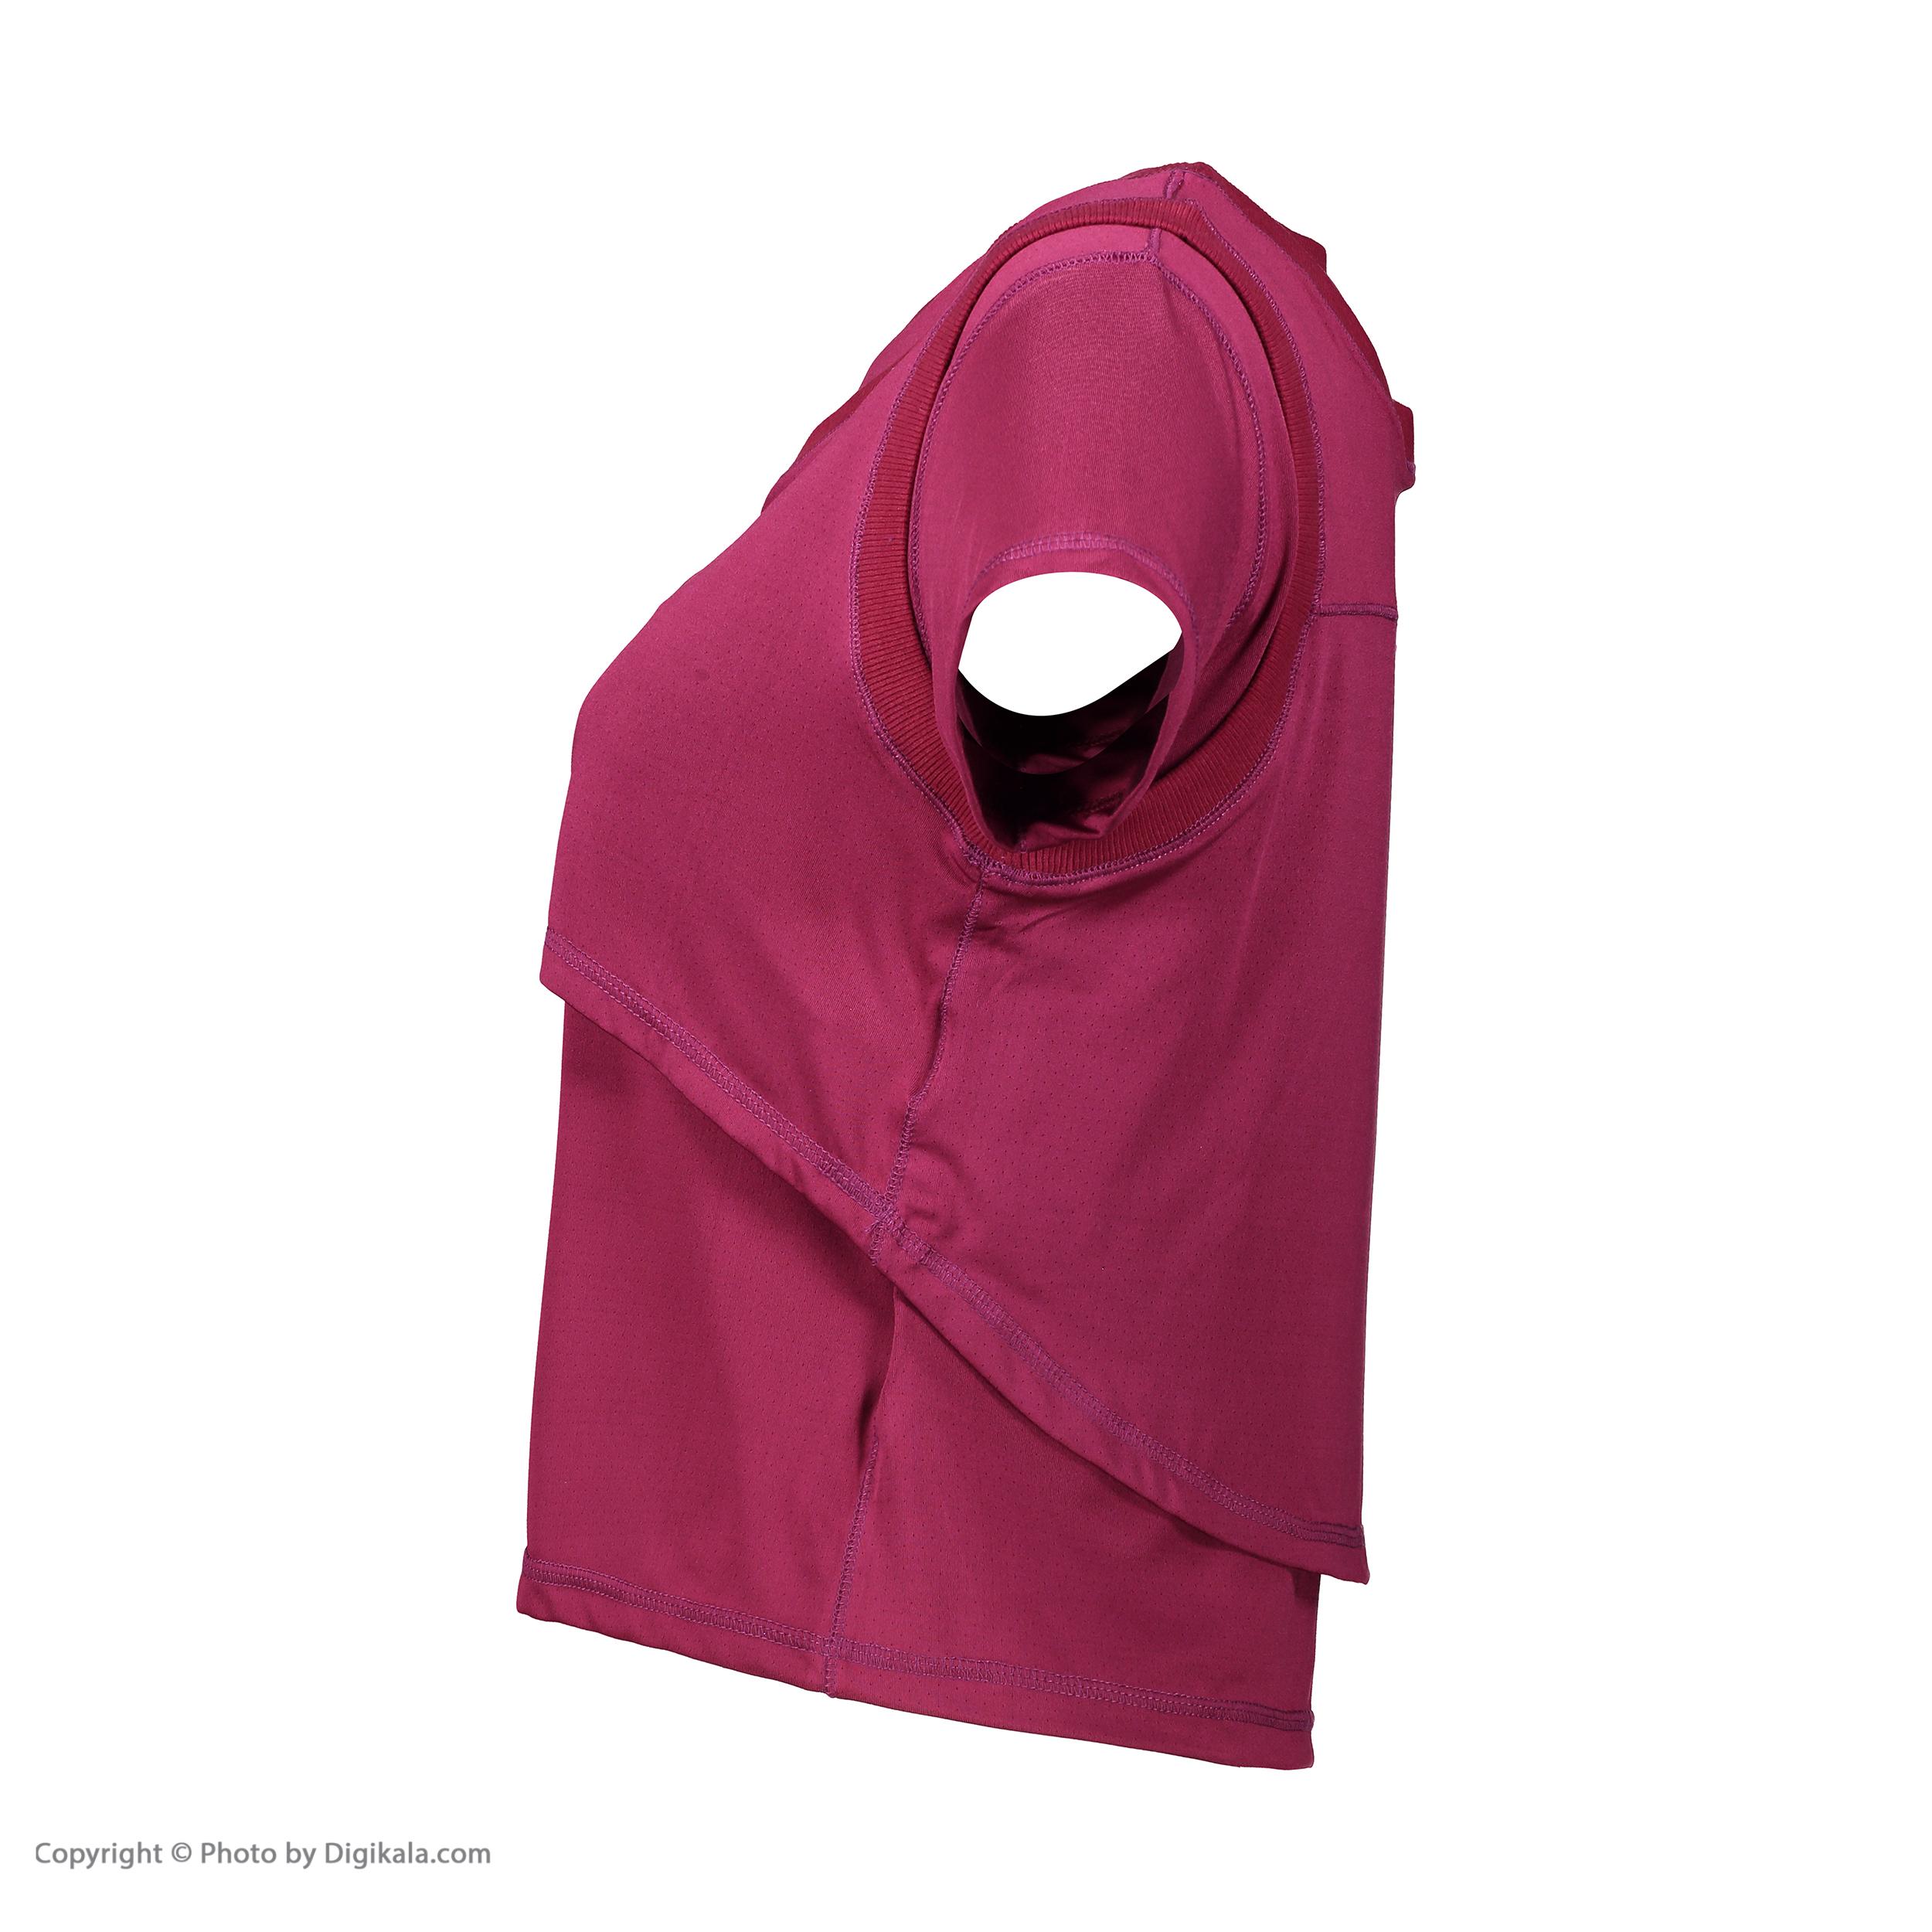 تی شرت ورزشی زنانه مون مدل 1631351-71